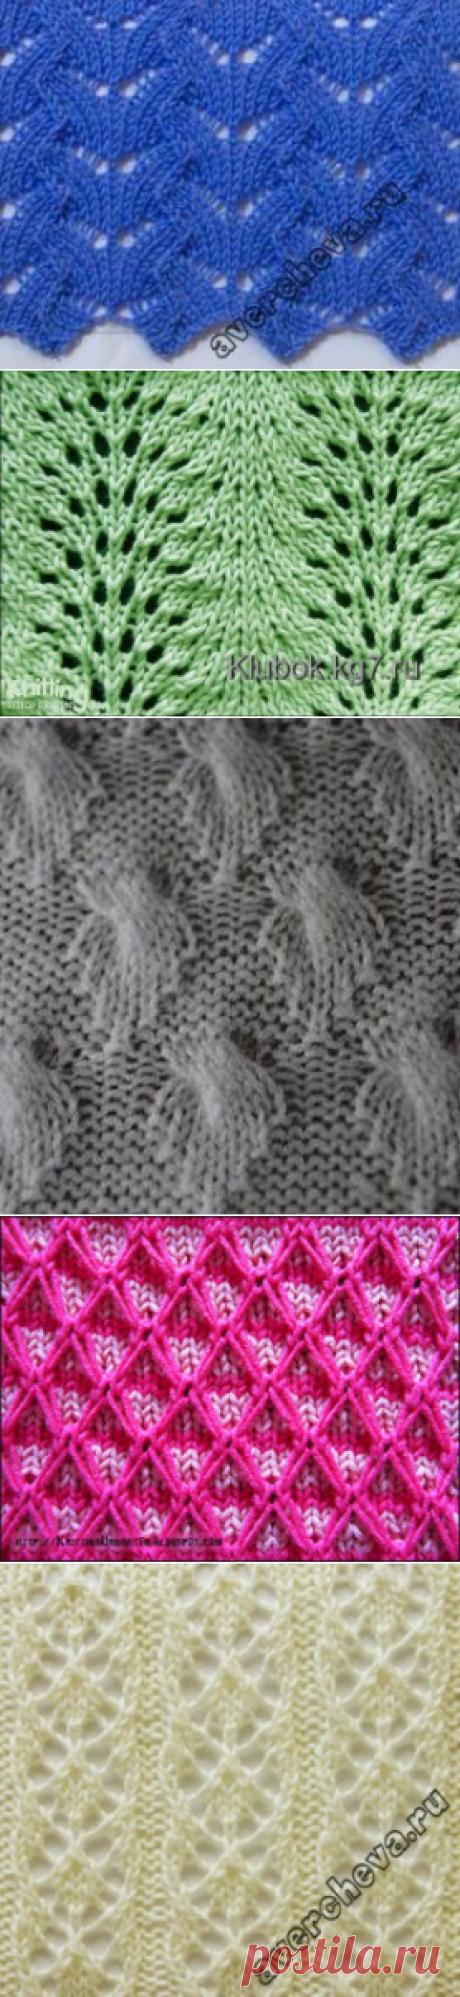 вязания (узоры для вязания) - креативный отдых